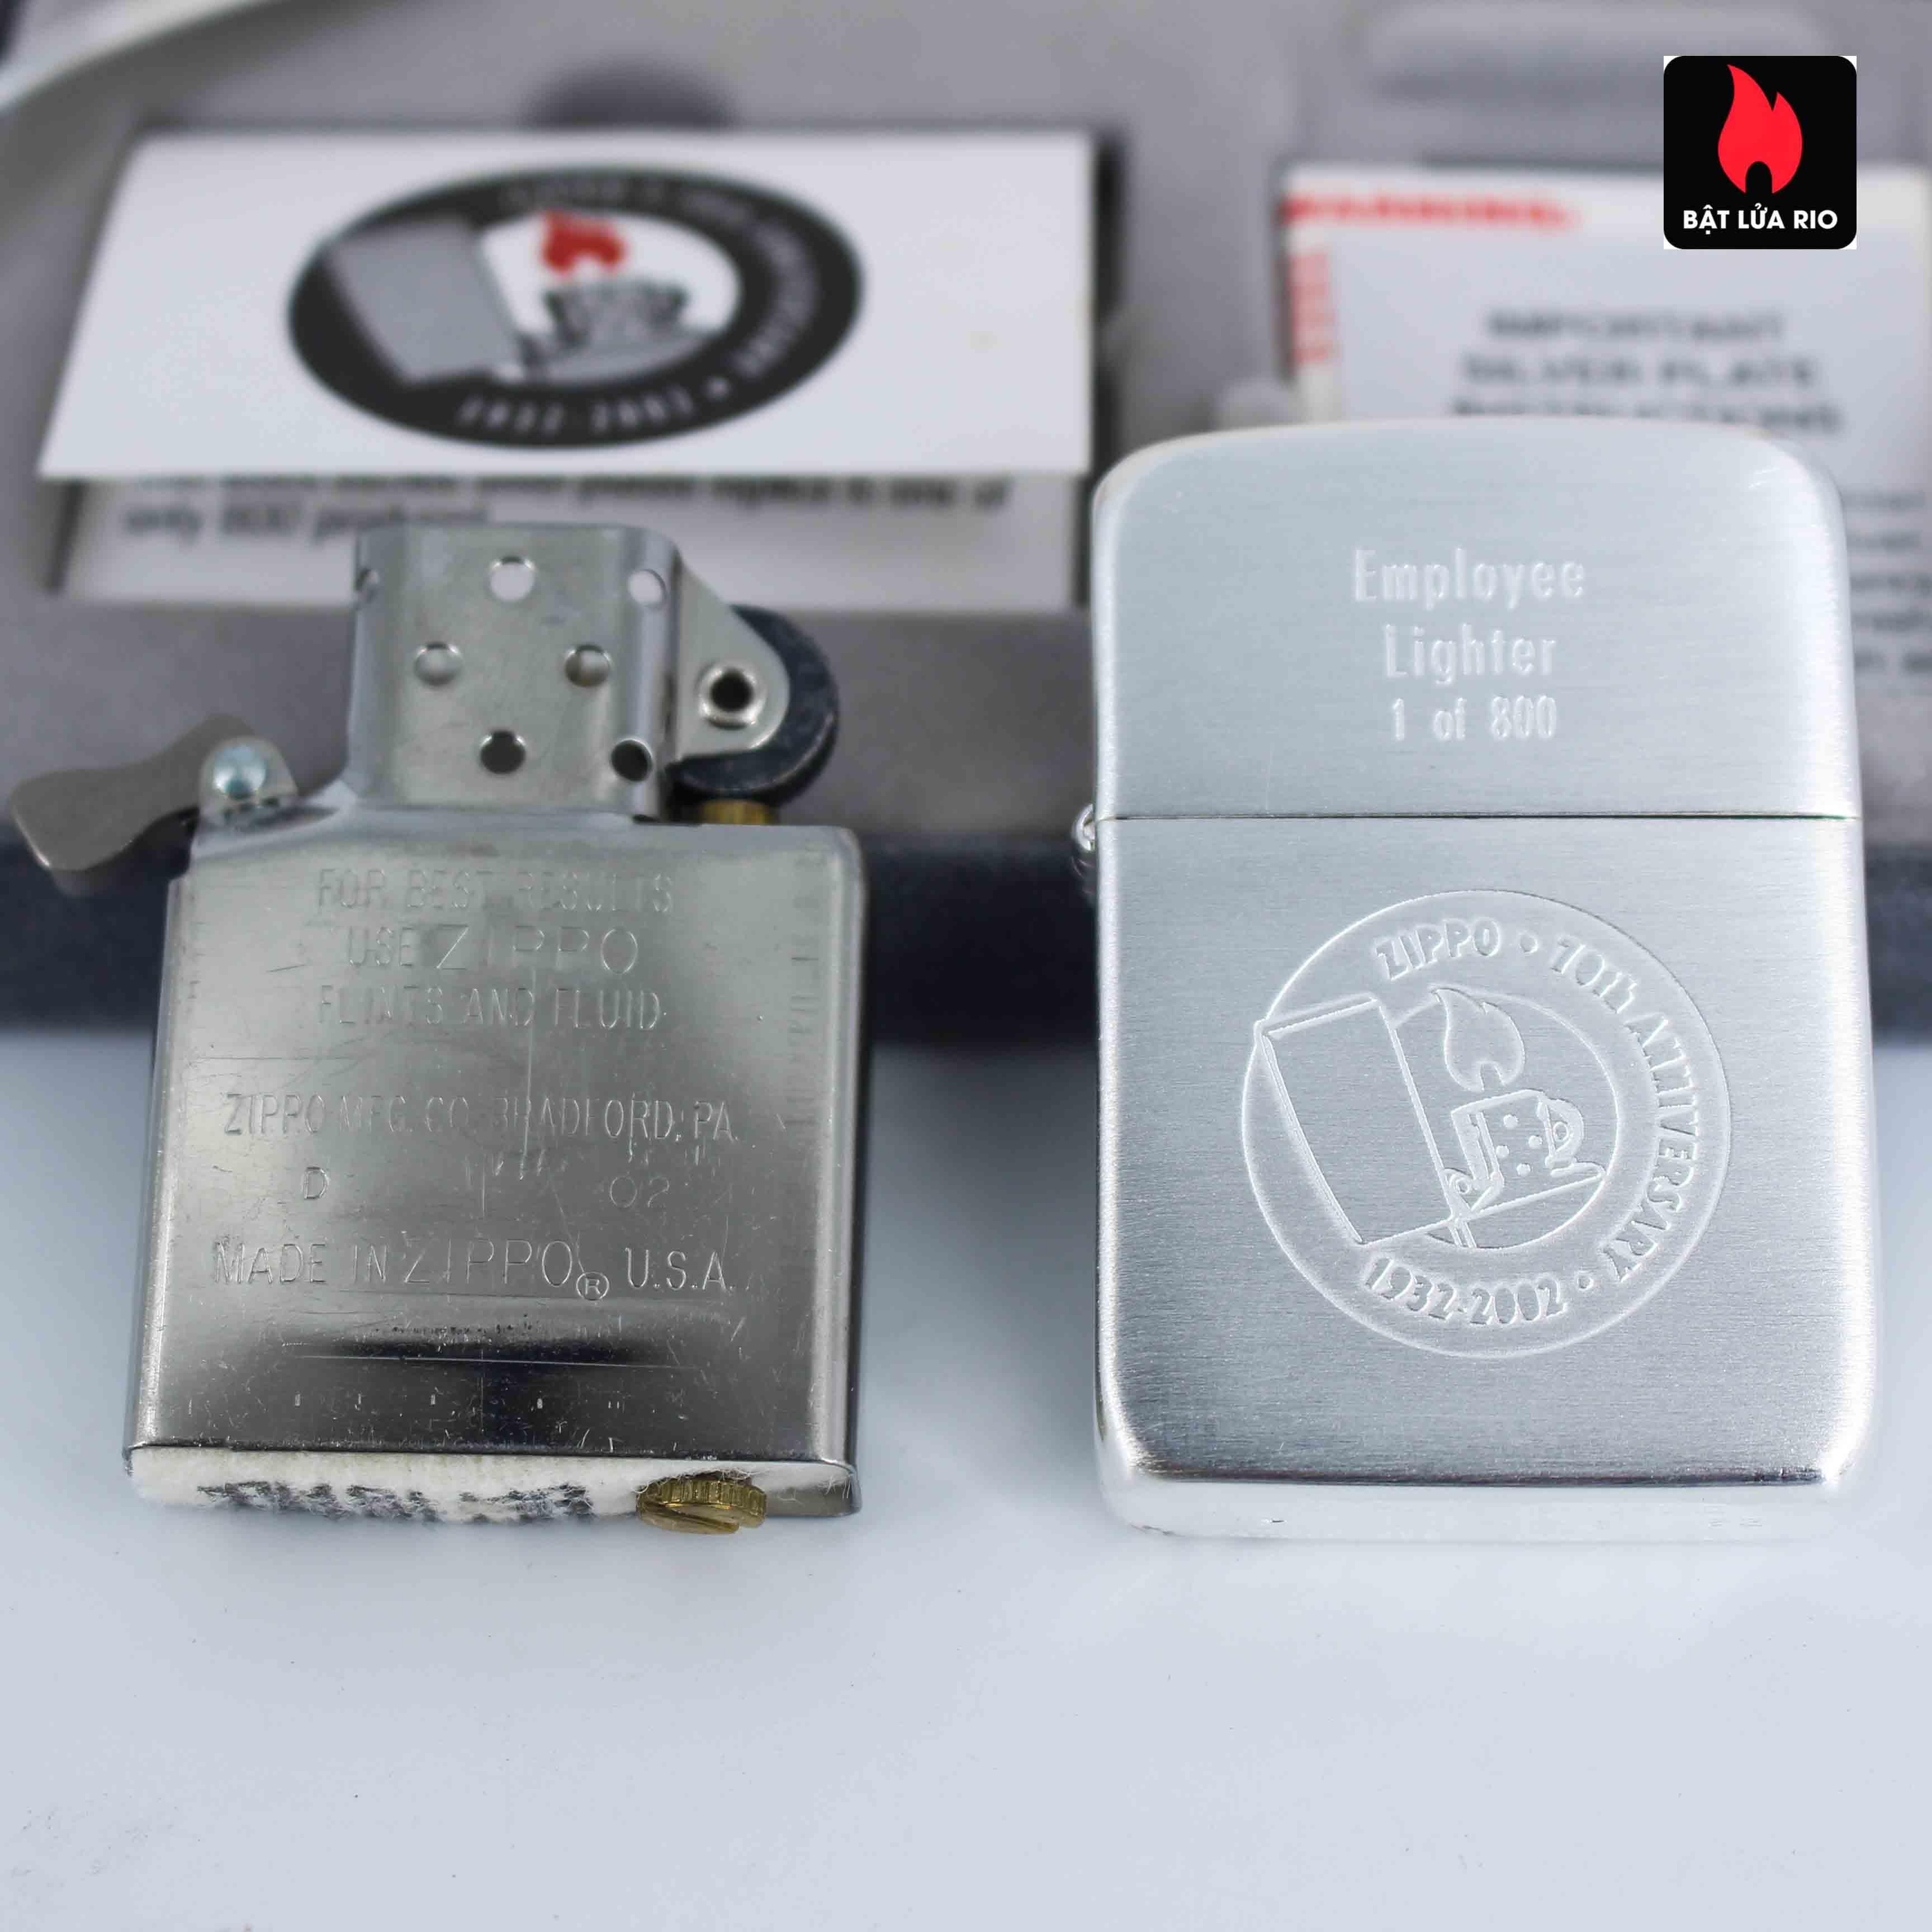 Zippo 2002 - 70th Anniversary - Employee Lighter 1 of 800 8